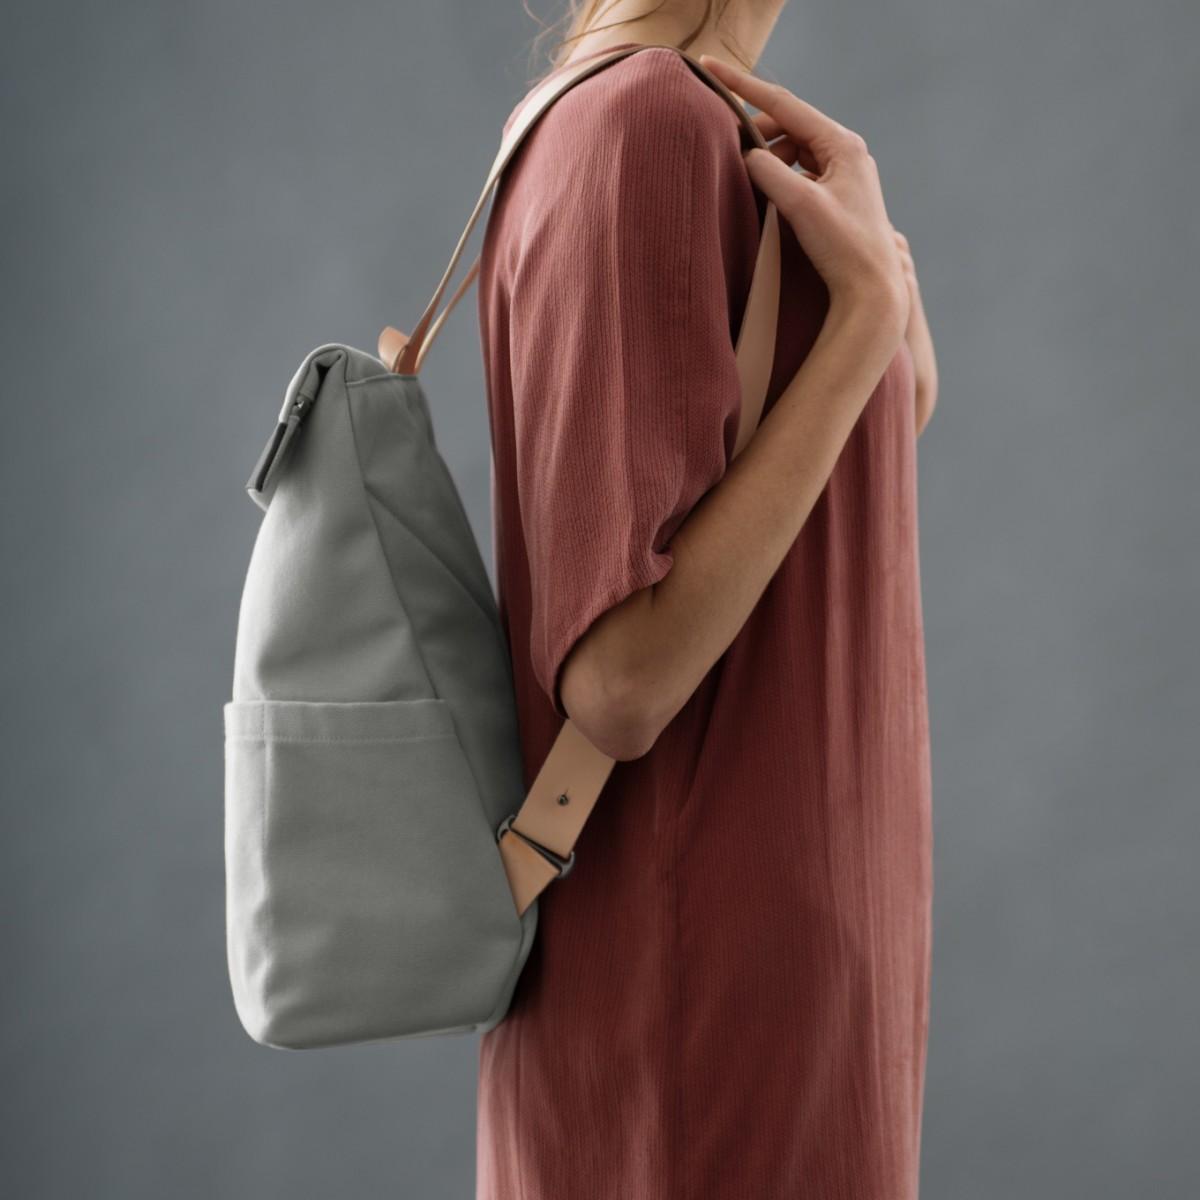 VANOOK Backpack Regular Grey/Nude